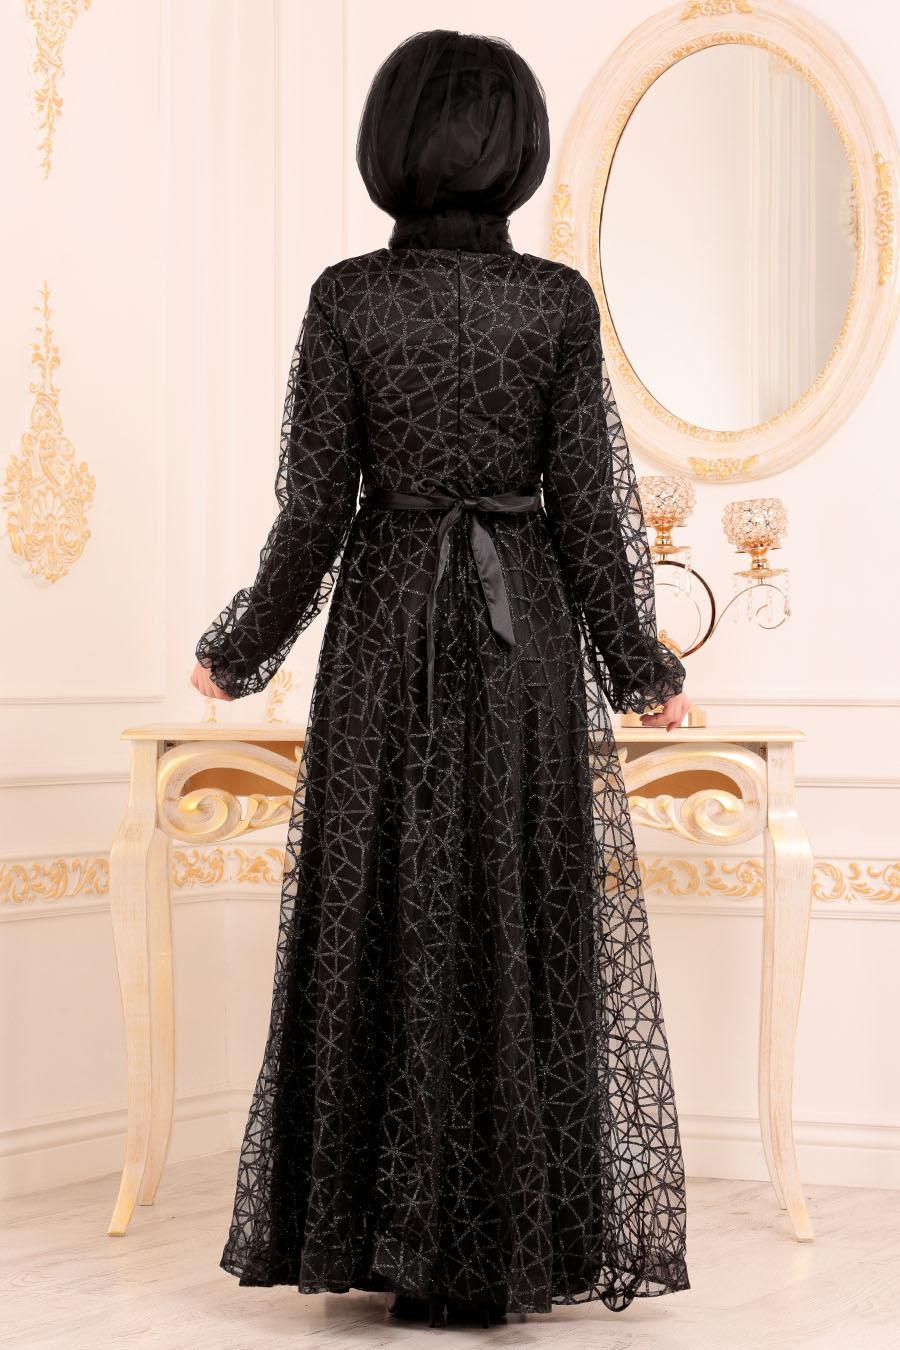 Tesettürlü Abiye Elbise - Simli Siyah Renk Tesettür Abiye Elbise 31481S